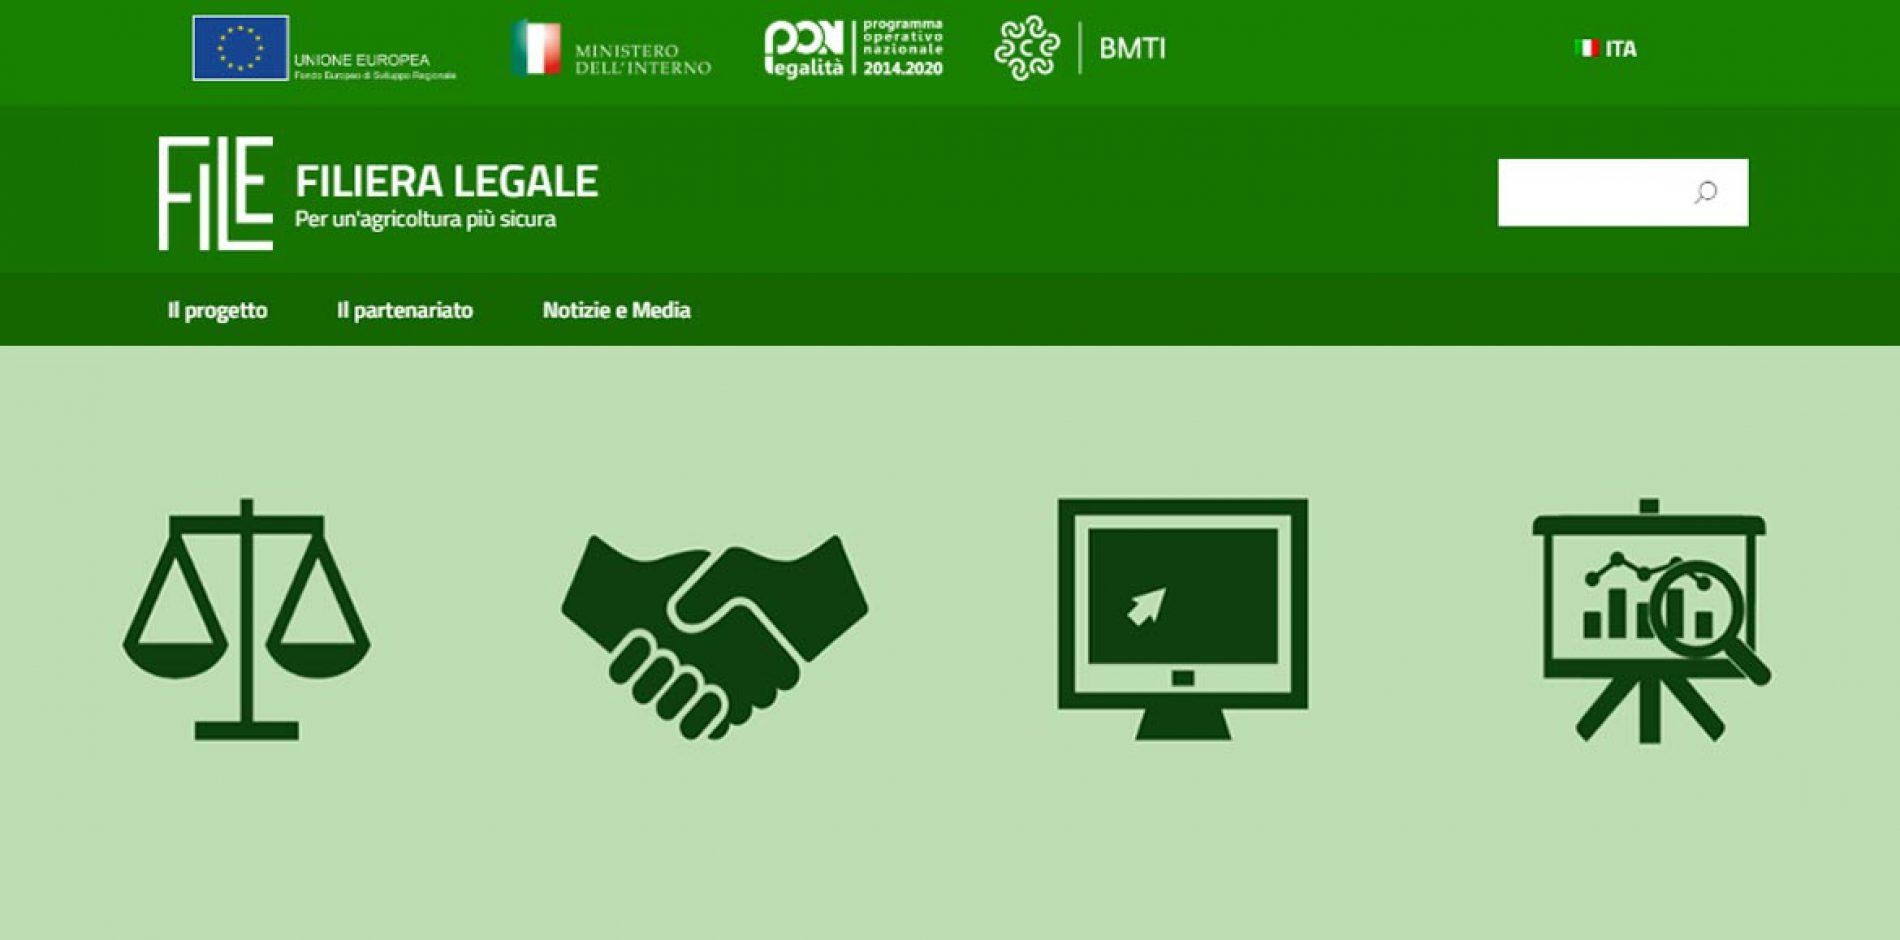 Per un'agricoltura più sicura, è online la piattaforma Filiera Legale